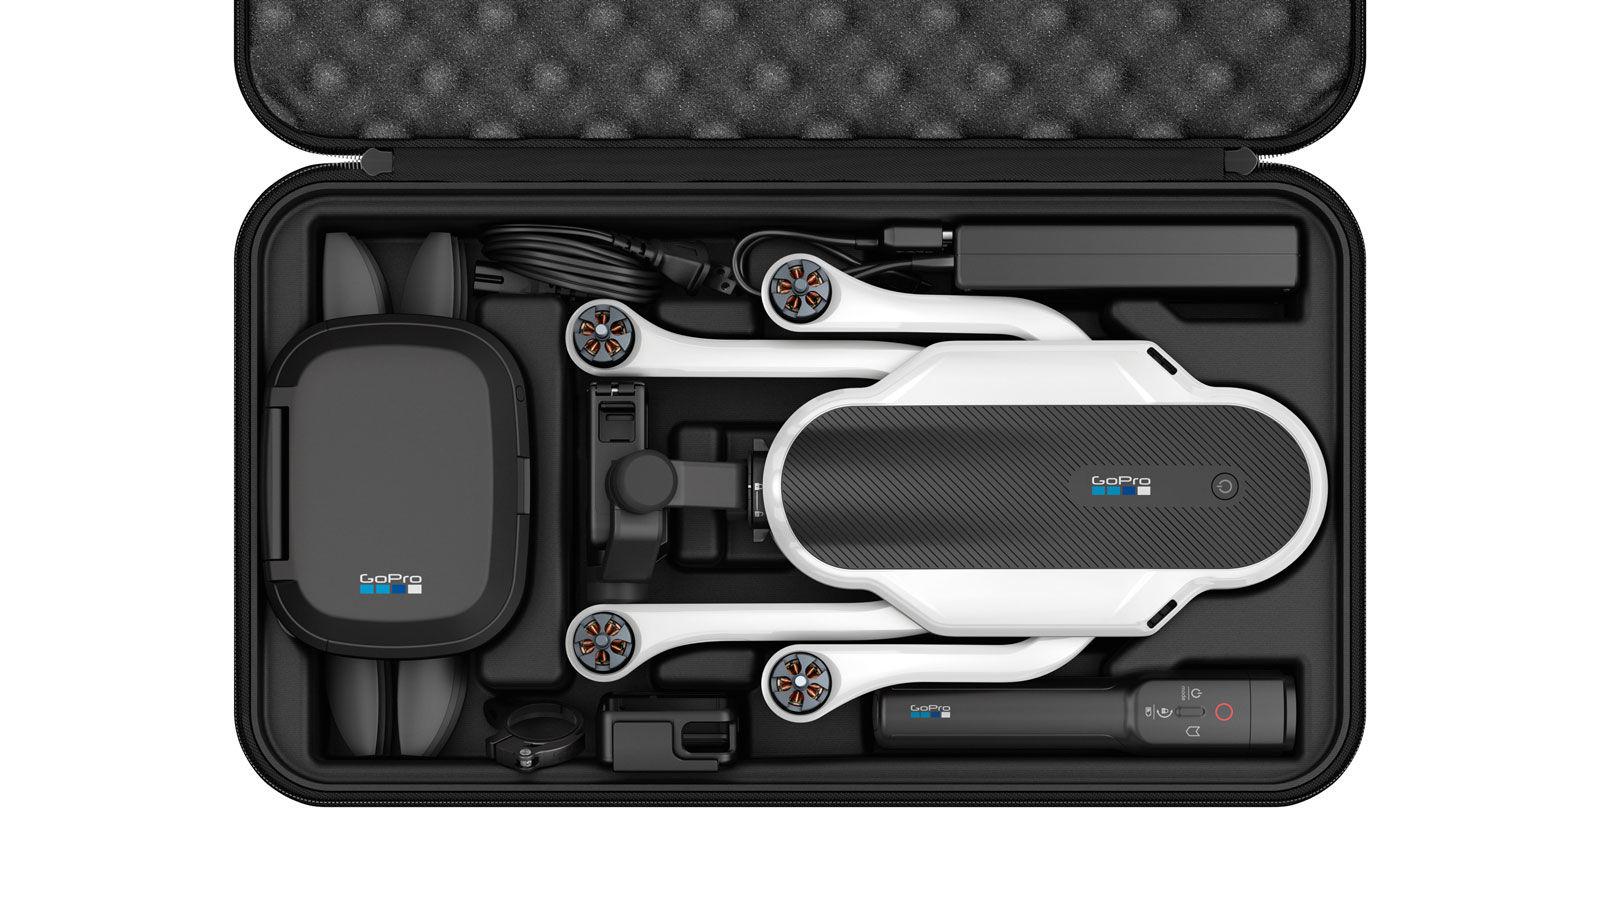 Złe wiadomości z siedziby GoPro. Firma opuszcza rynek dronów, zwalnia ludzi i możliwe, że trafi na sprzedaż